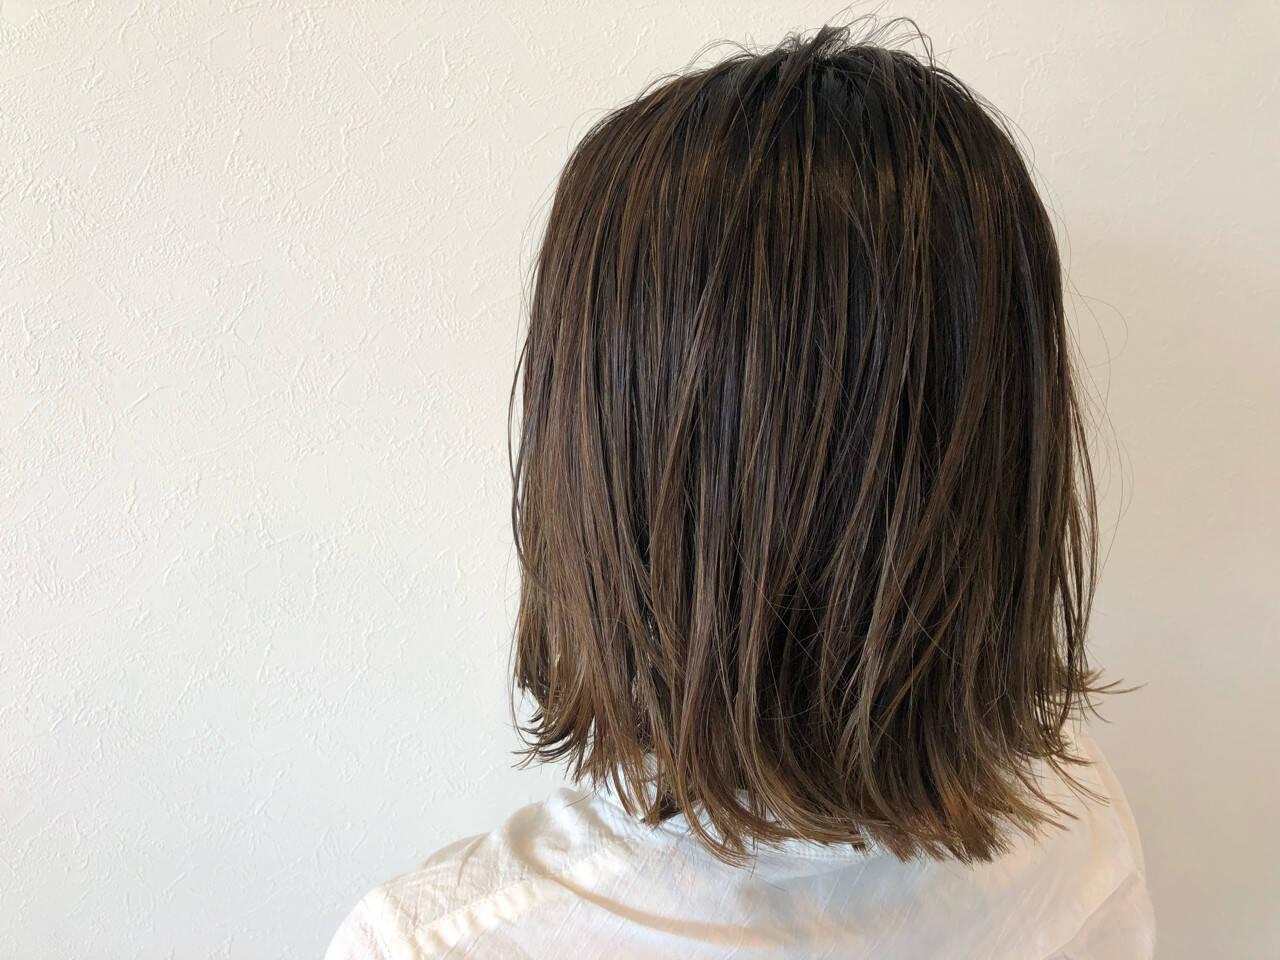 ヘアアレンジ 切りっぱなし ミディアム ボブヘアスタイルや髪型の写真・画像